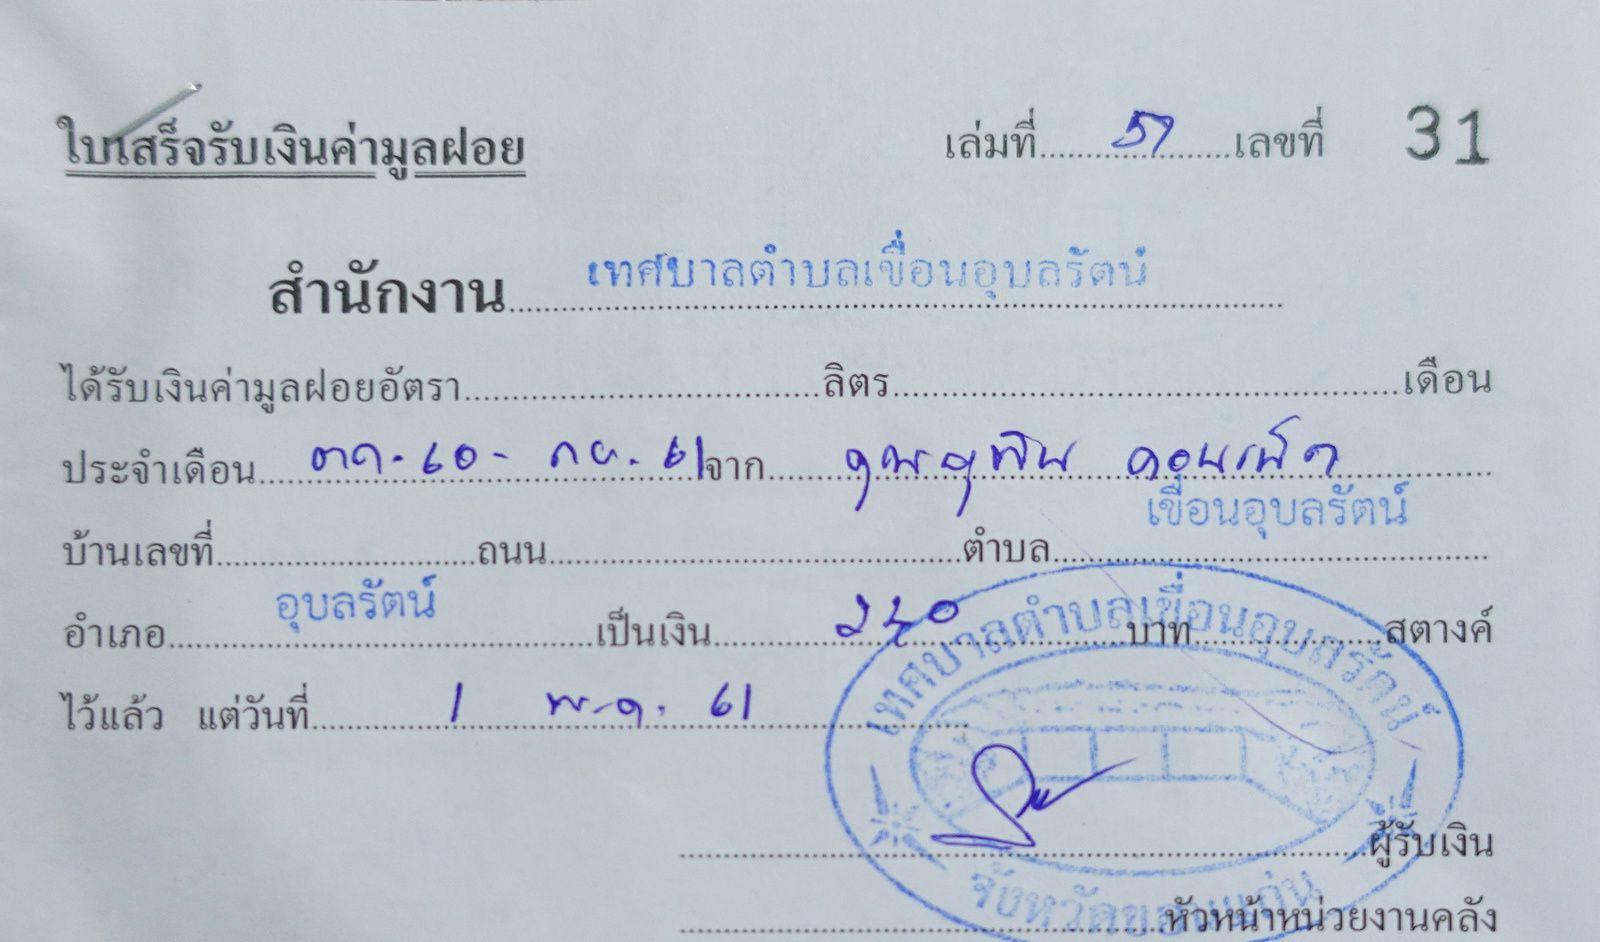 Les impôts sont arrivés.... (Thaïlande)